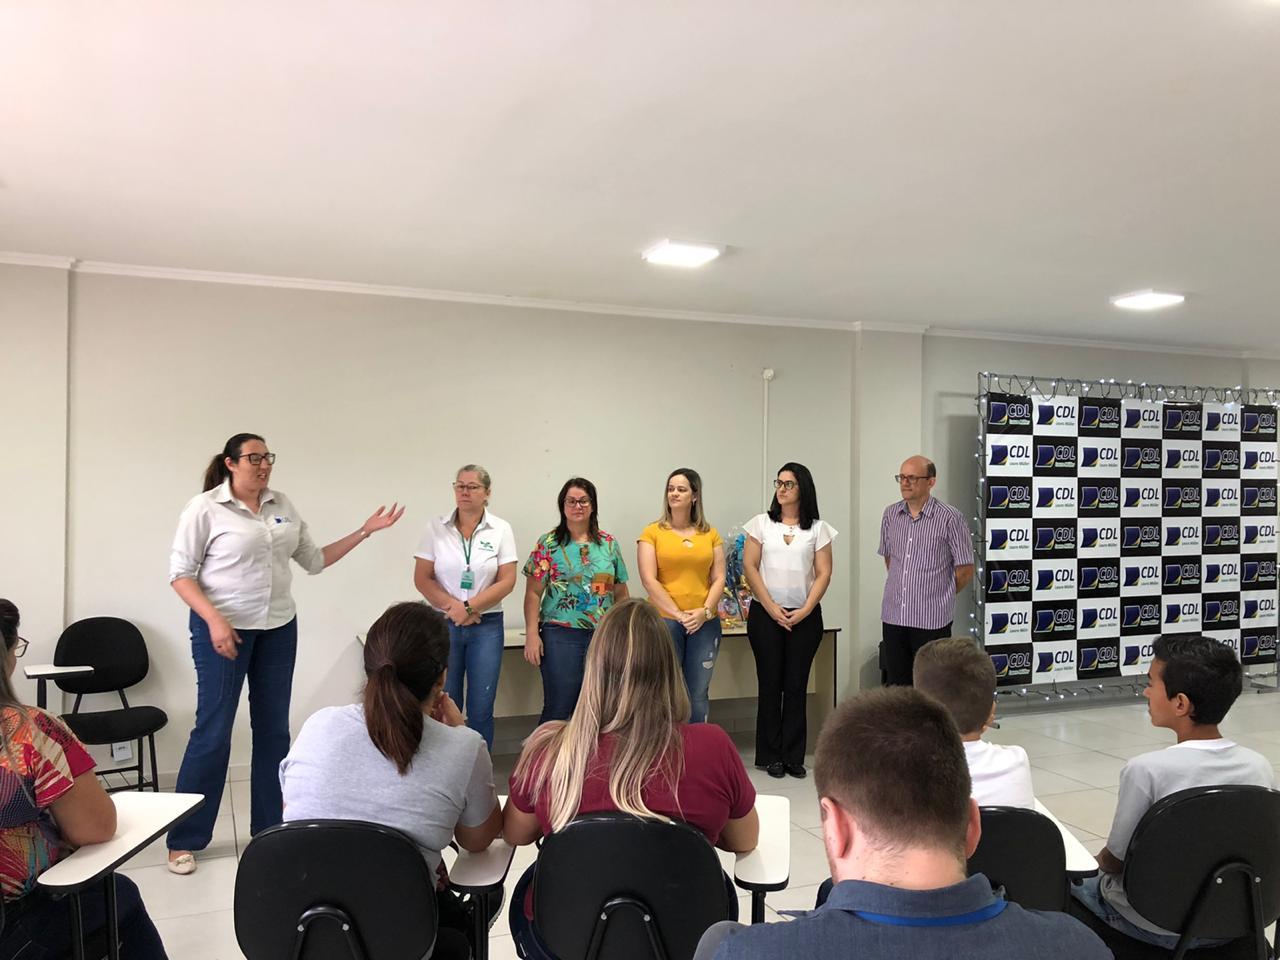 CDL premia ações de sensibilização ambiental em escolas municipais de Lauro Müller (6)